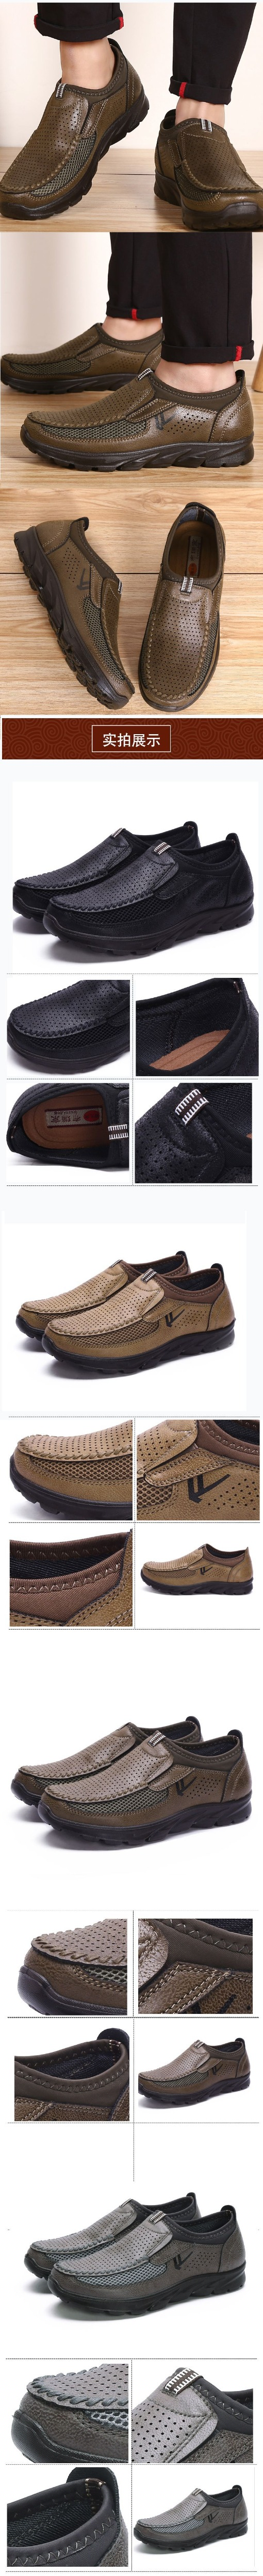 HTB1CZhzP4YaK1RjSZFnq6y80pXa9 Luxury Brand Men Casual Shoes Lightweight Breathable Sneakers Male Walking Shoes Fashion Mesh Zapatillas Footwear Big Szie 38-48